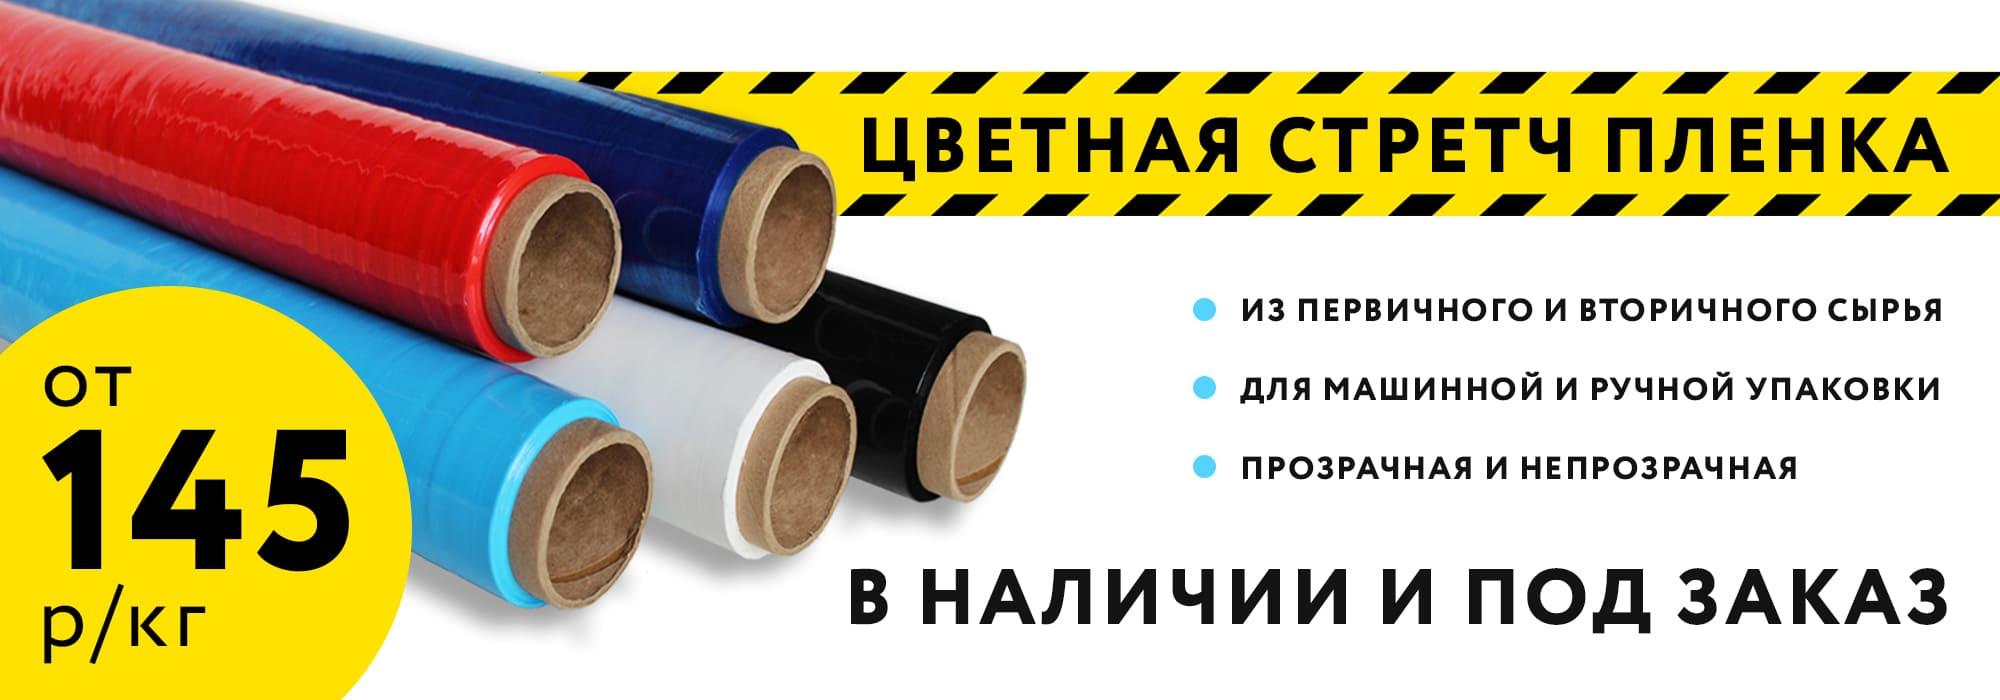 reklama-streych-plenka